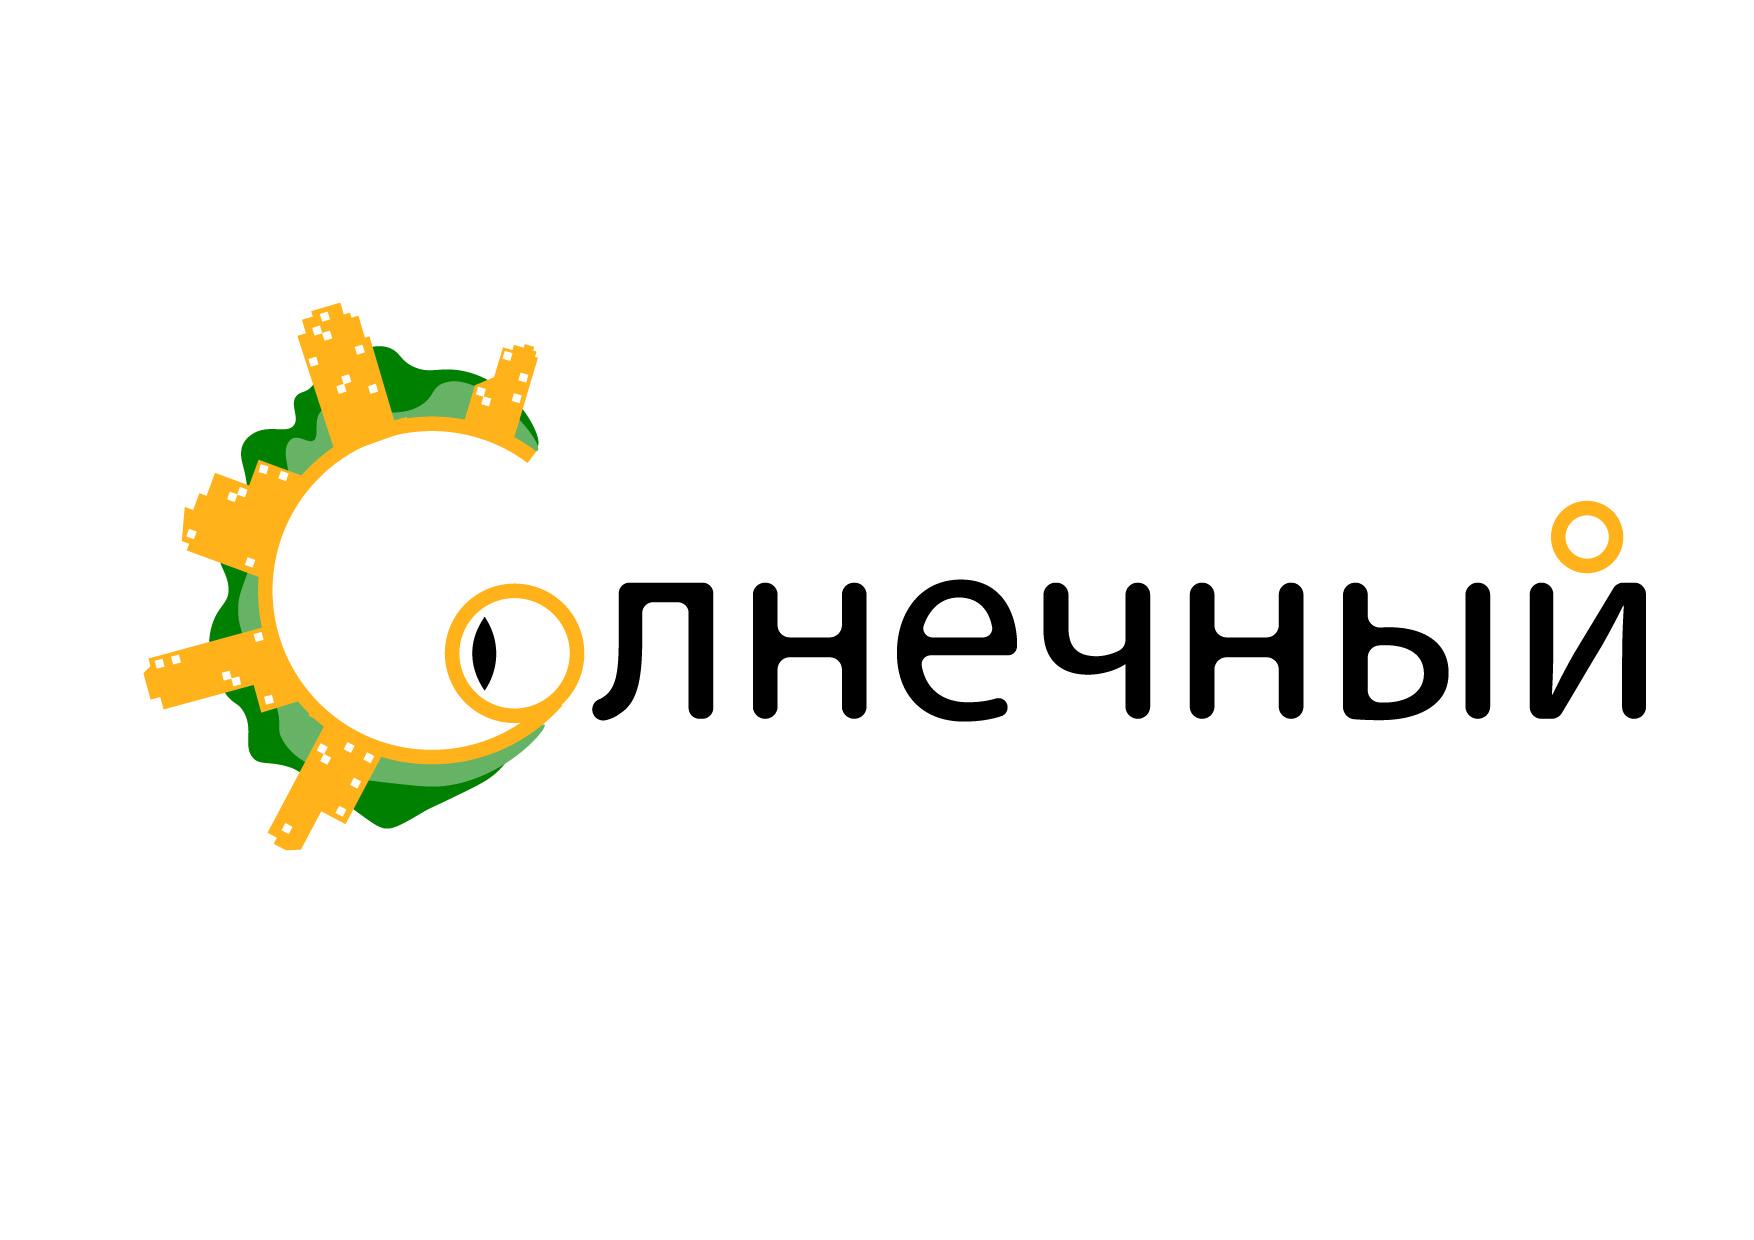 Разработка логотипа и фирменный стиль фото f_441596e5ec60e17c.jpg